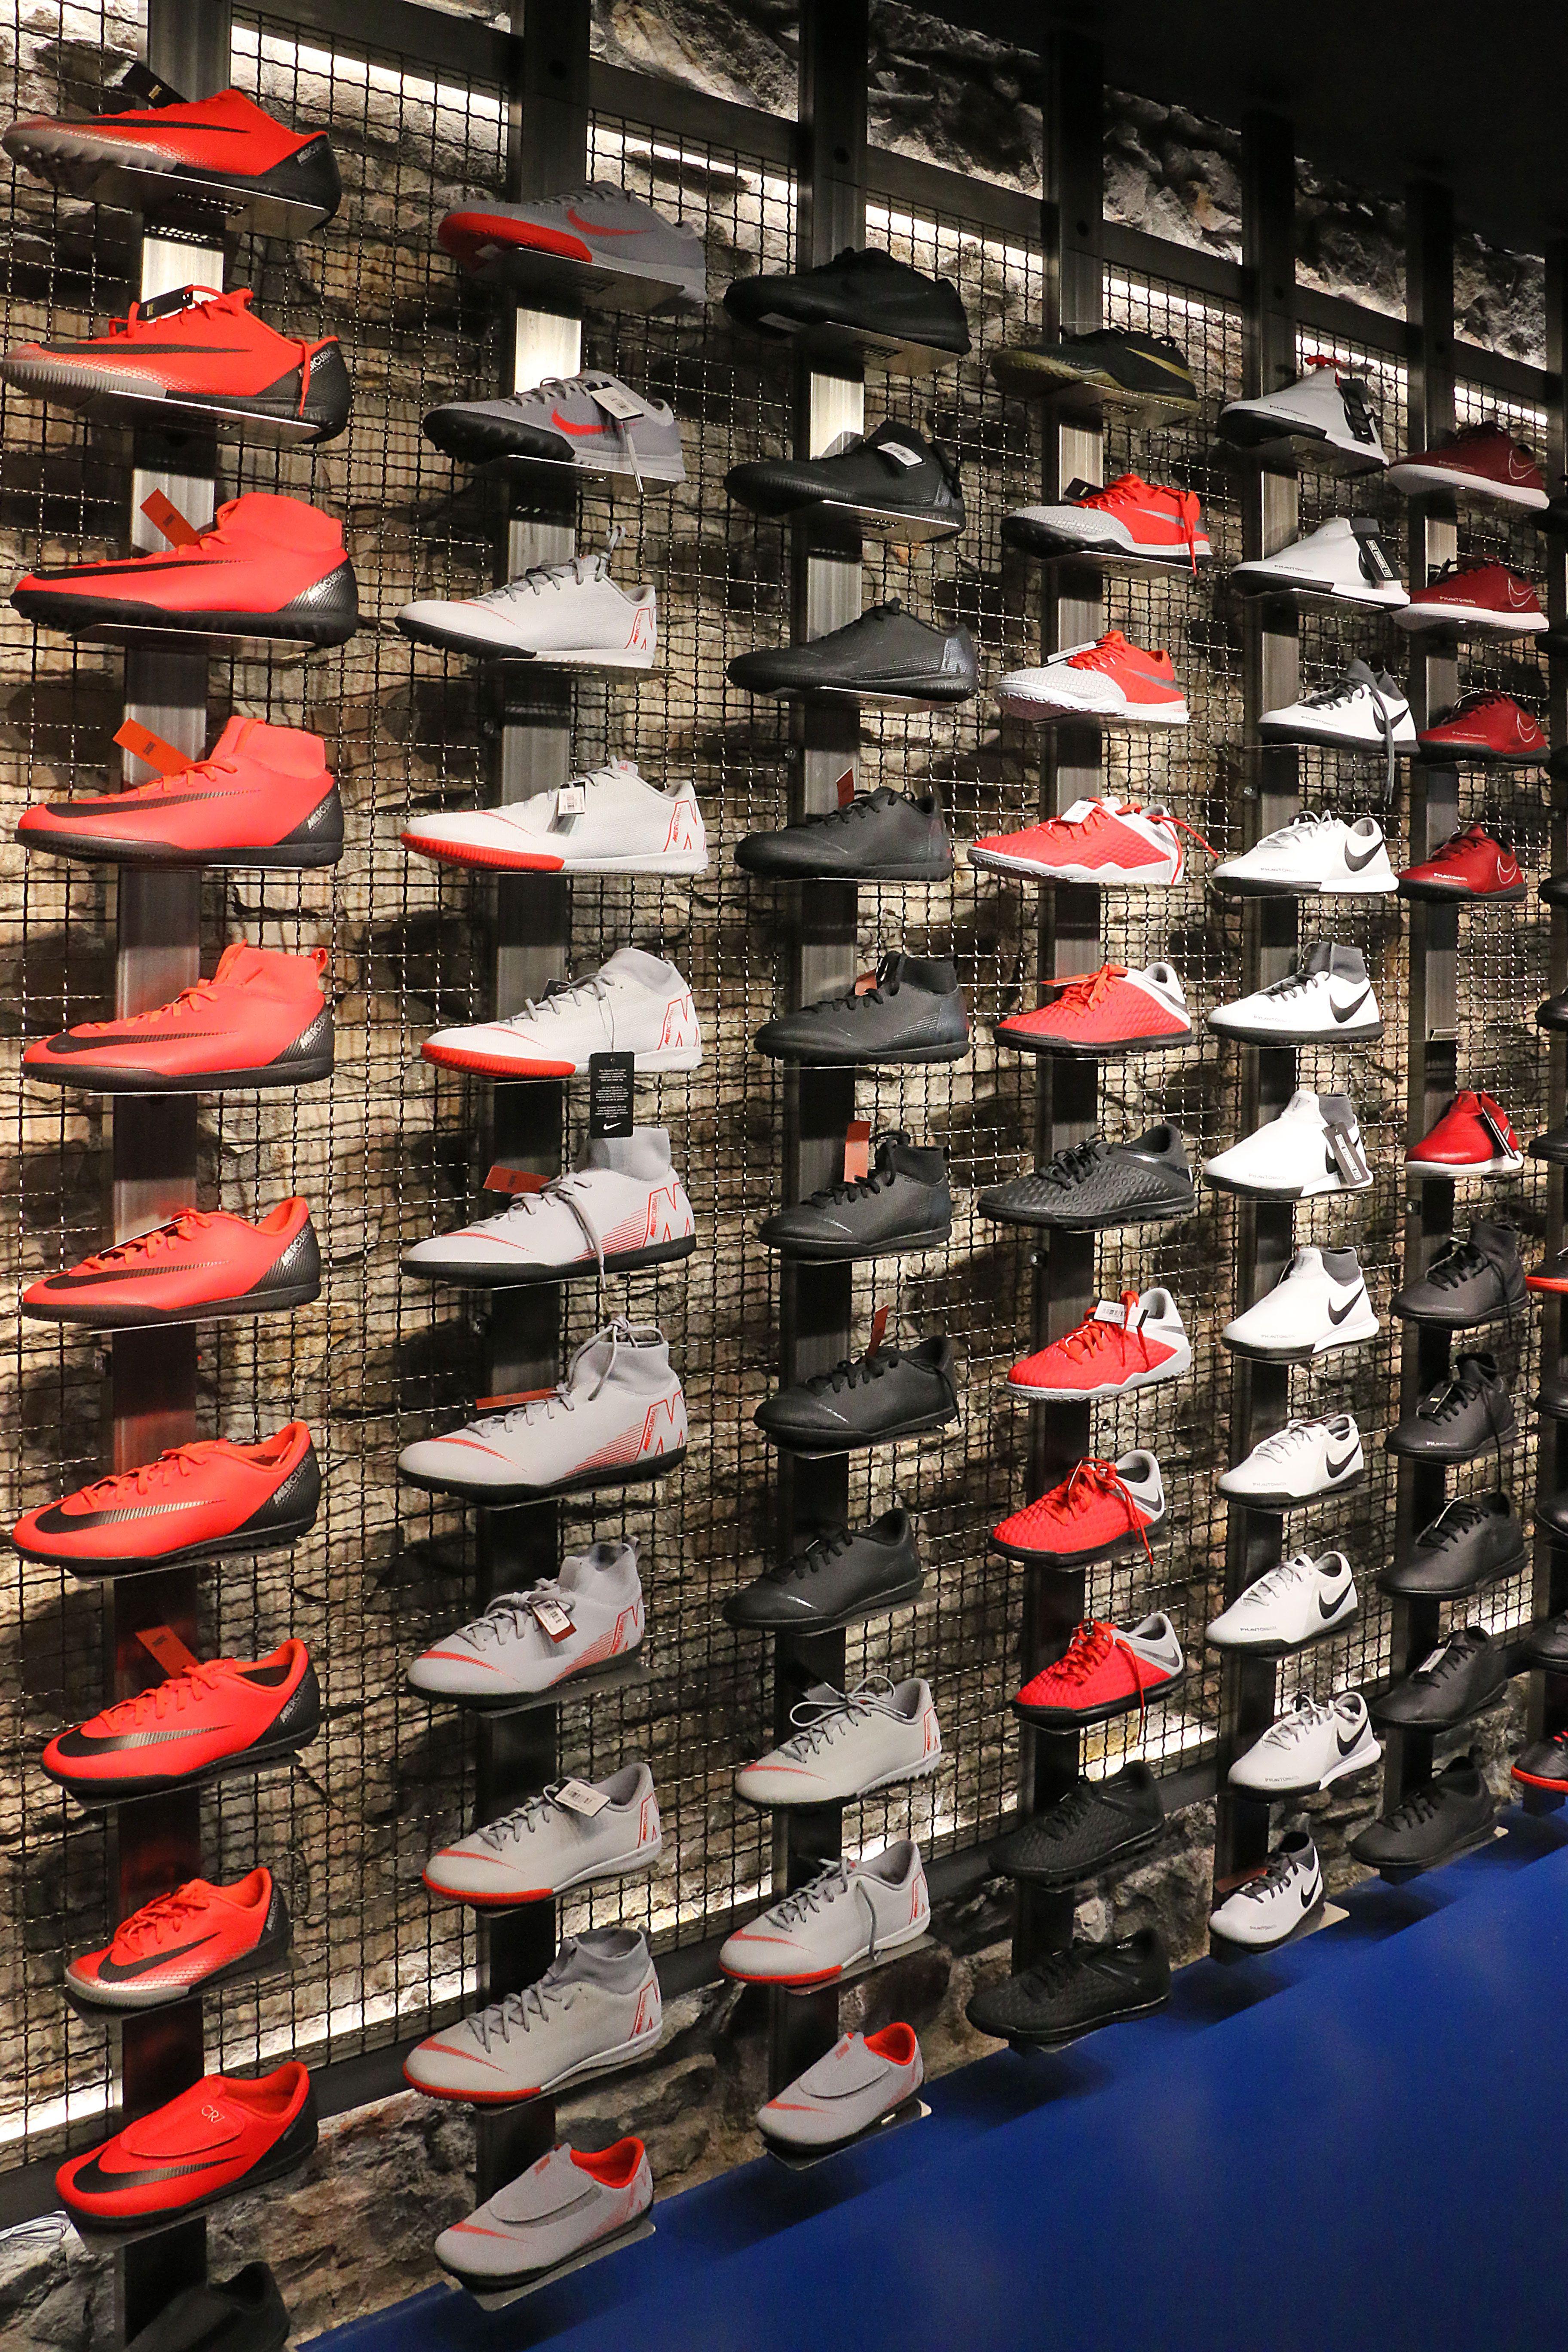 Encuentra en nuestra tienda  futbolmania de  barcelona toda la gama de   zapatillassala  nike  mercurial  phantom  hypervenom  niketiempo  Futbolmania ... 304656e68dc6e